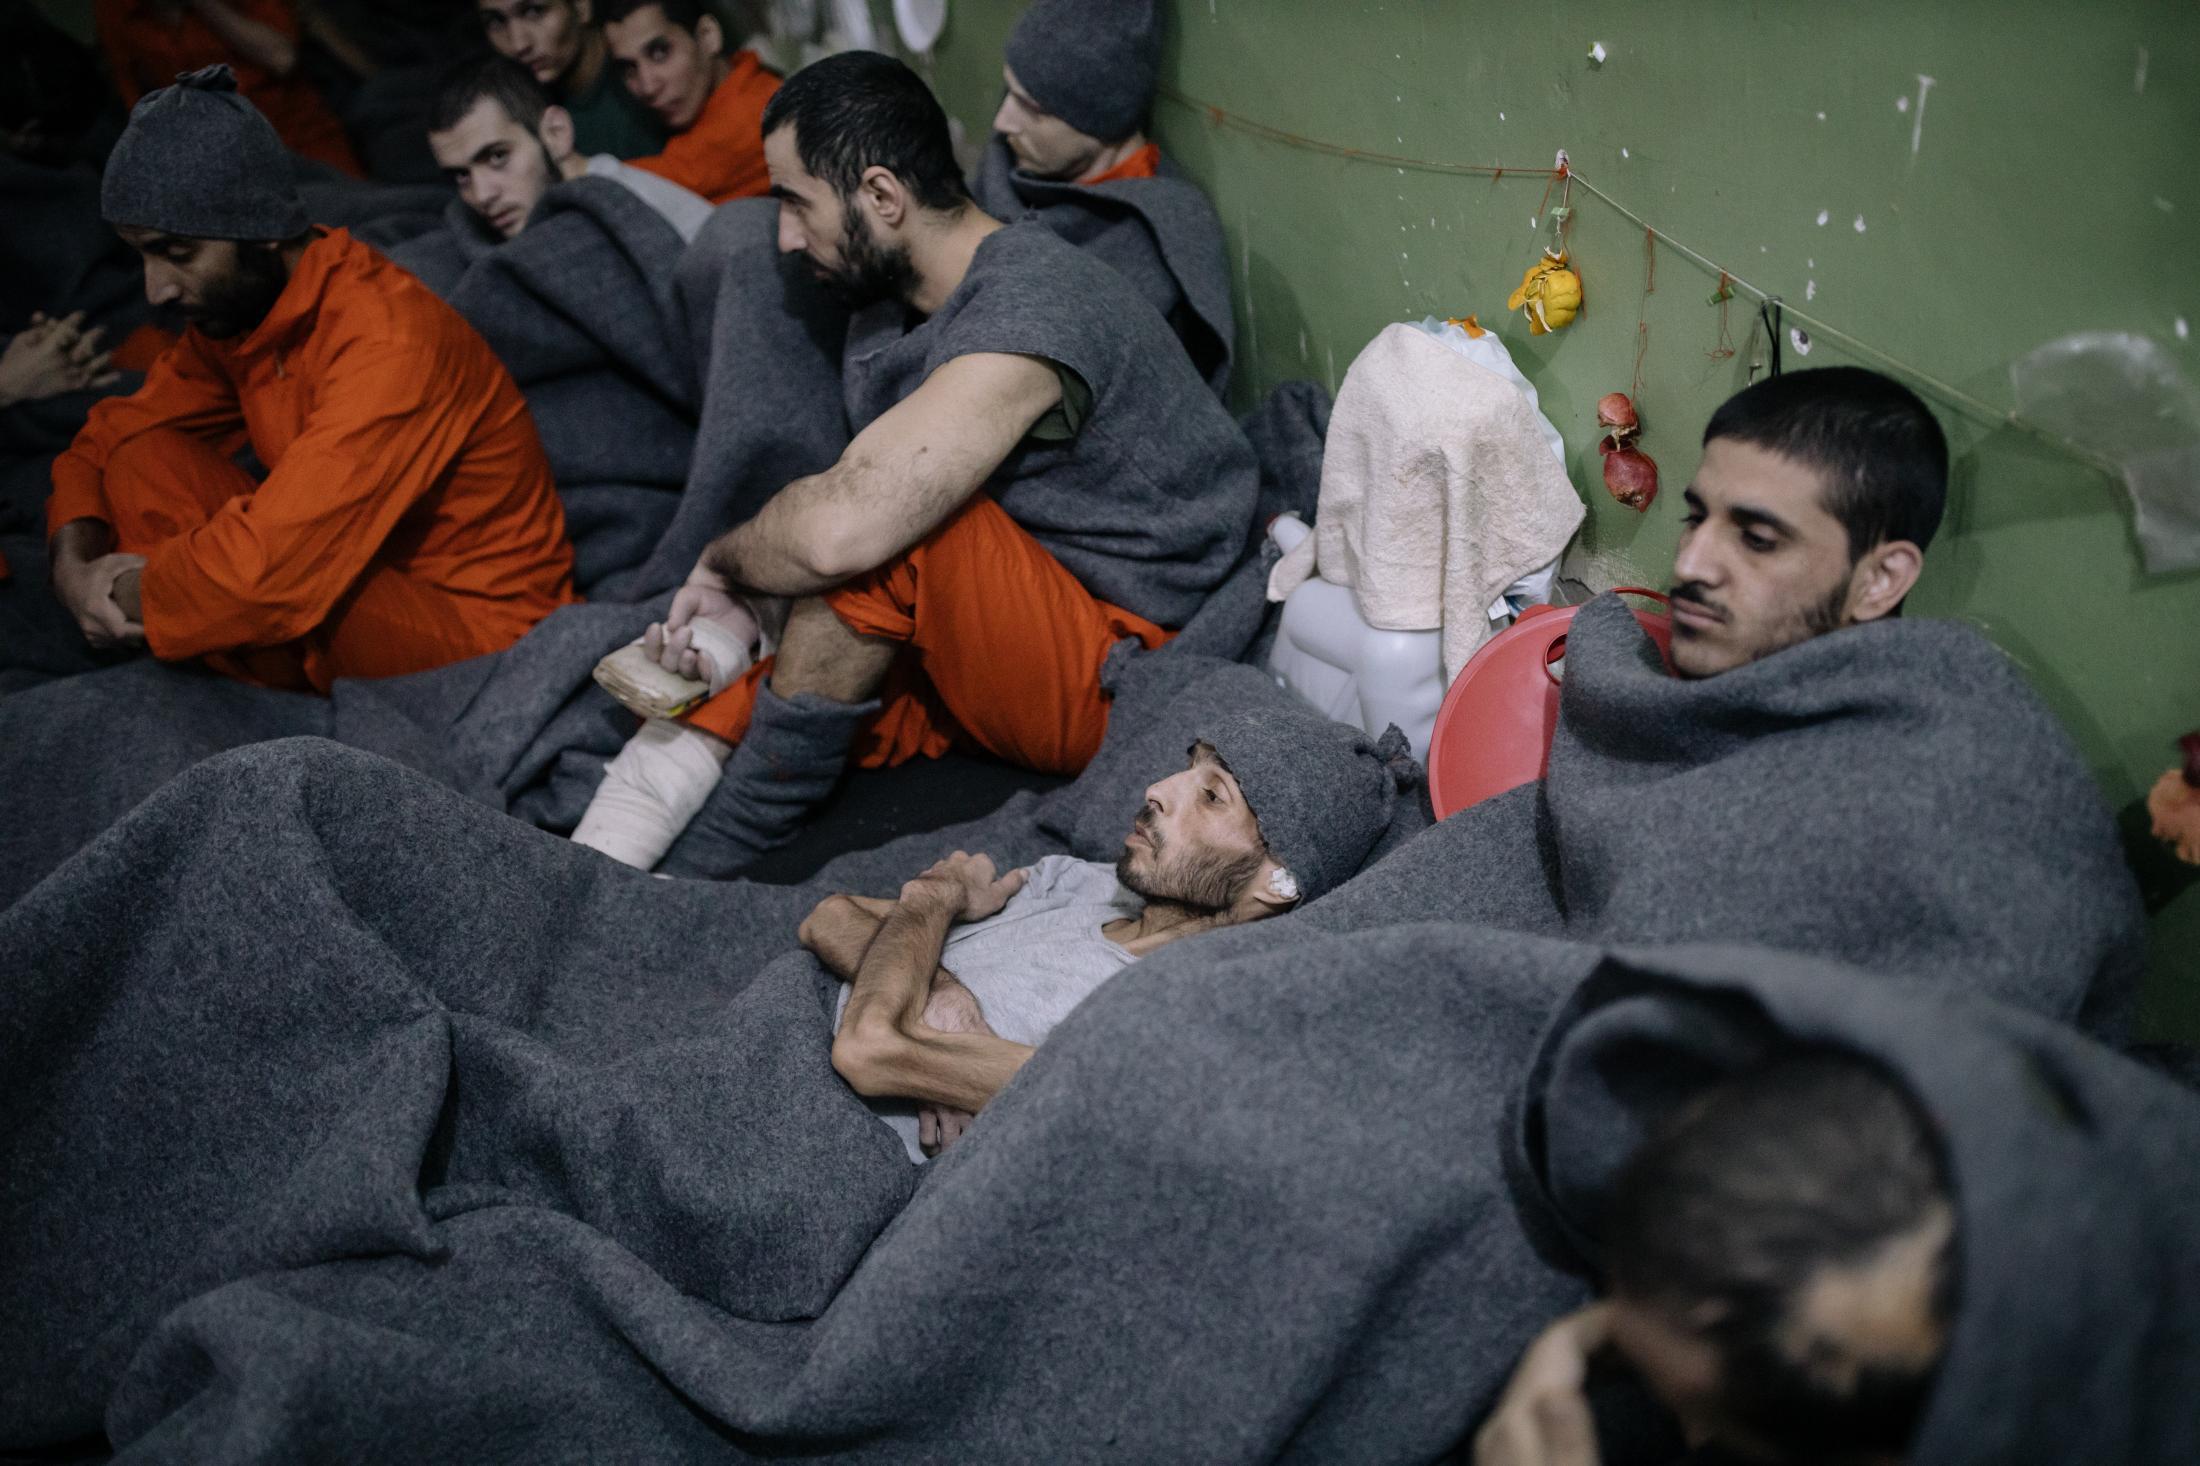 Le 30 octobre 2019, Nord Est de la Syrie. Une prison abrite des supposés membres de Daesh. Environ 5000 détenus vivraient ici. La prison est ouverte depuis 4mois au moment de cette photo. Elle est surpeuplée. Cette pièce de la taille d'une grande salle de classe accueille de nombreux prisonniers. L'un d'eux souffre de malnutrition sévère.